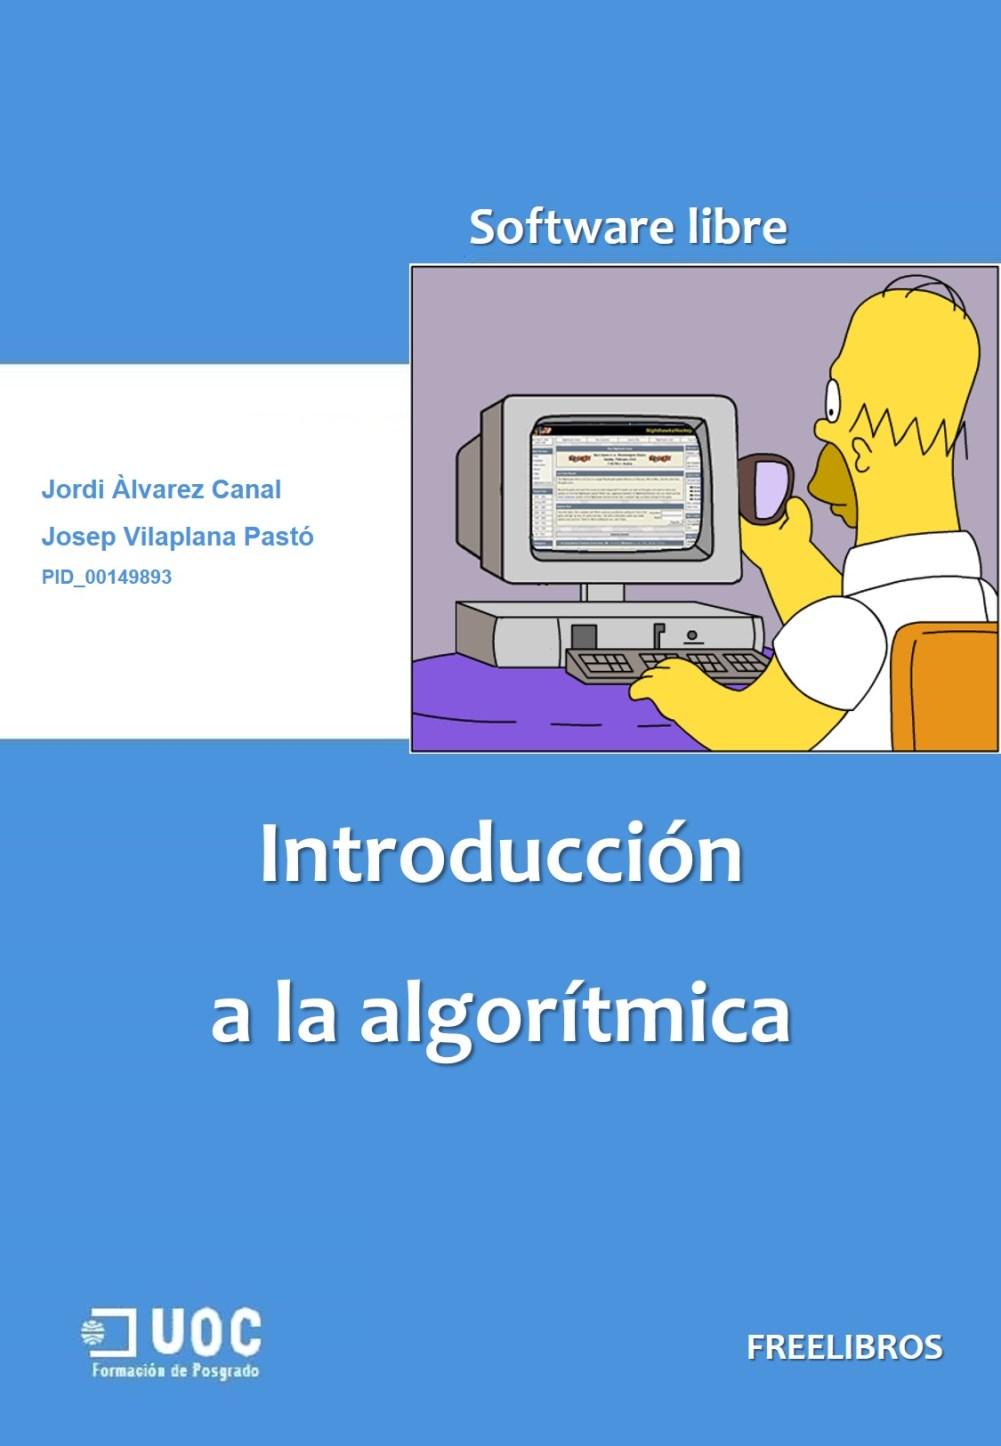 Introducción a la algorítmica – UOC